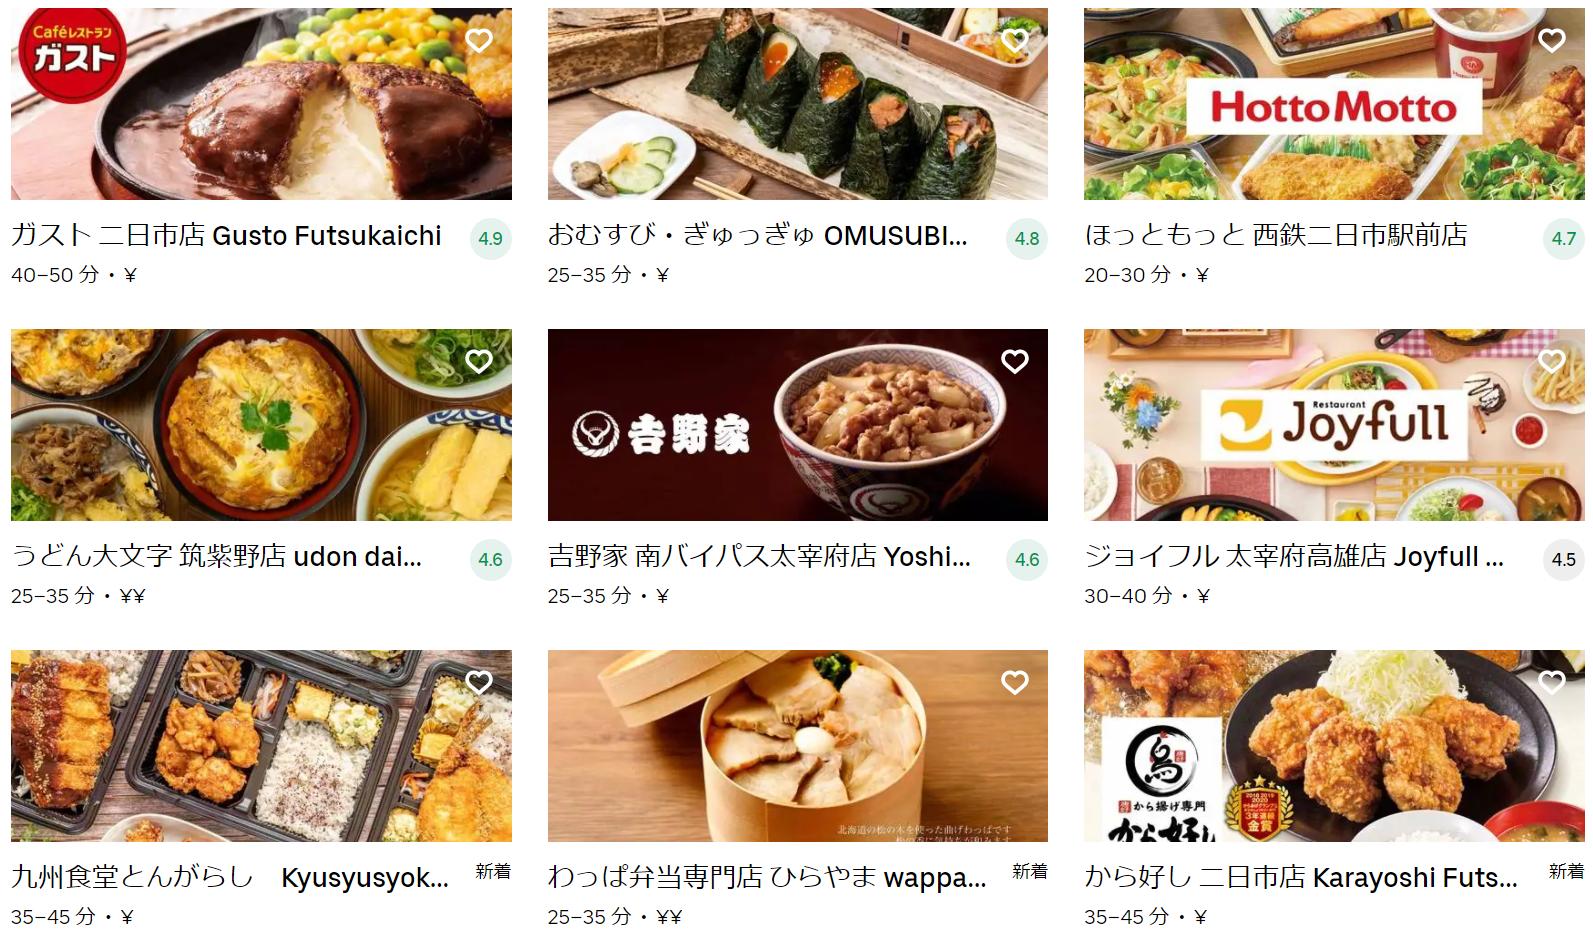 筑紫野市エリアのおすすめUber Eats(ウーバーイーツ)メニュー